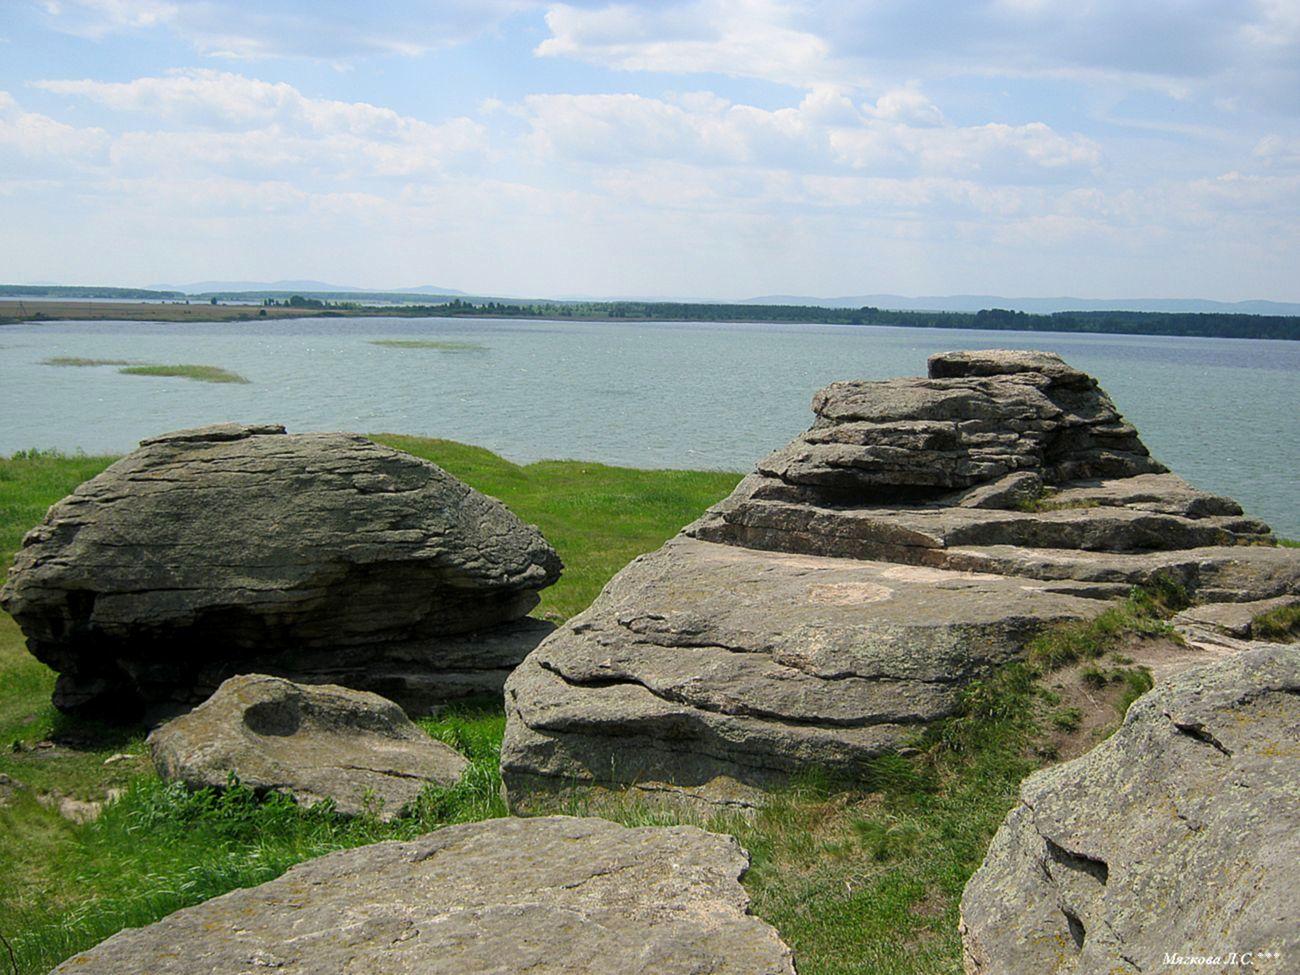 000 камни общий вид1.jpg